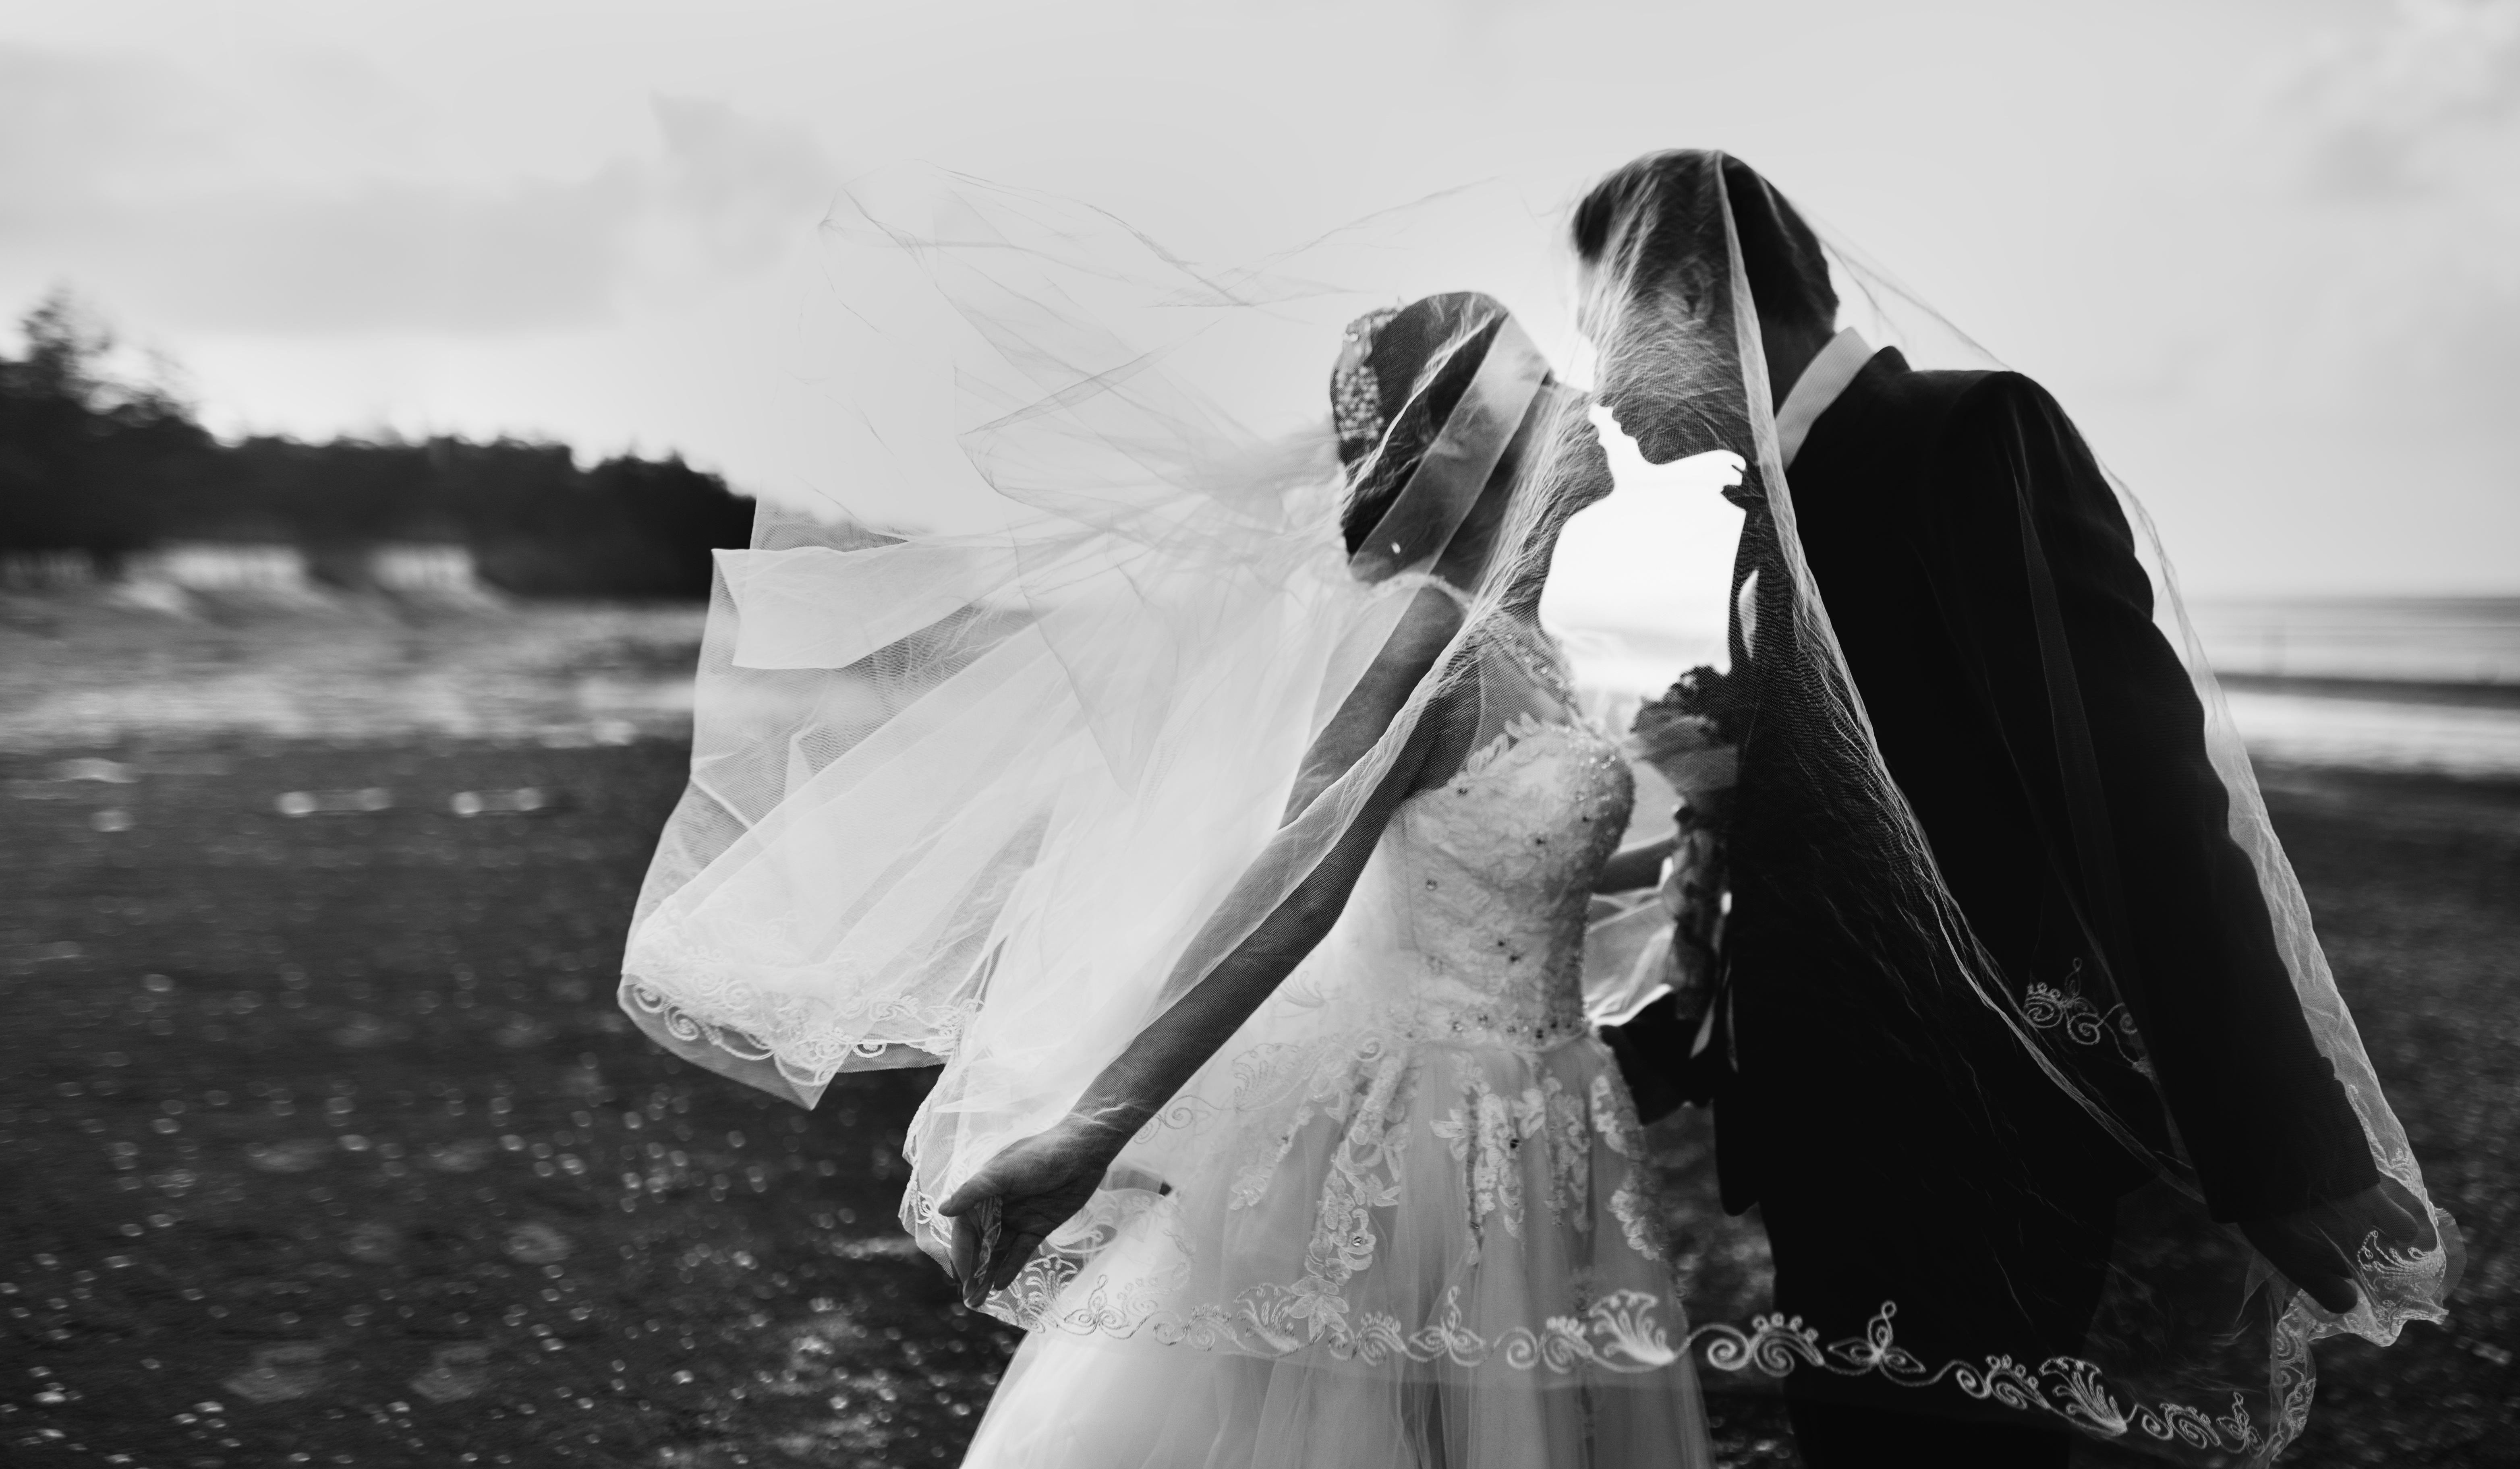 「結婚」してこそ得られるものは⁉ 卒業シーズンの今、伝えたいこと🍀